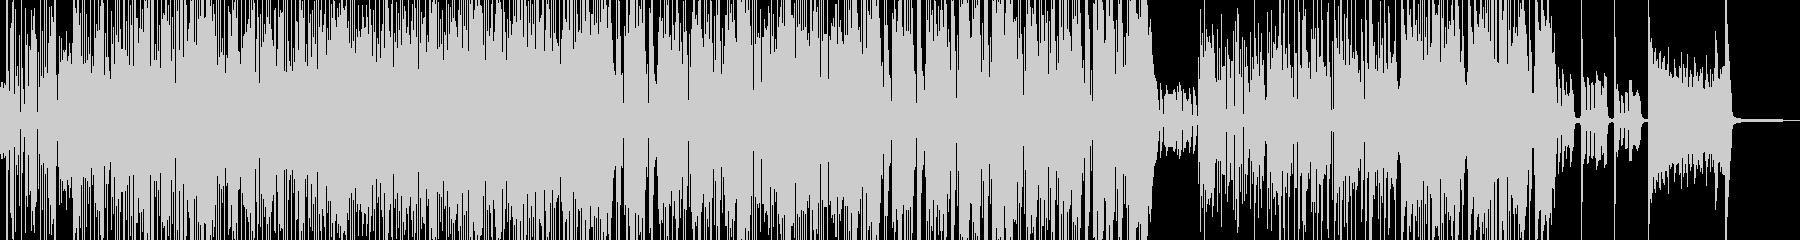 賑やかでハイテンションなスカポップ Dの未再生の波形